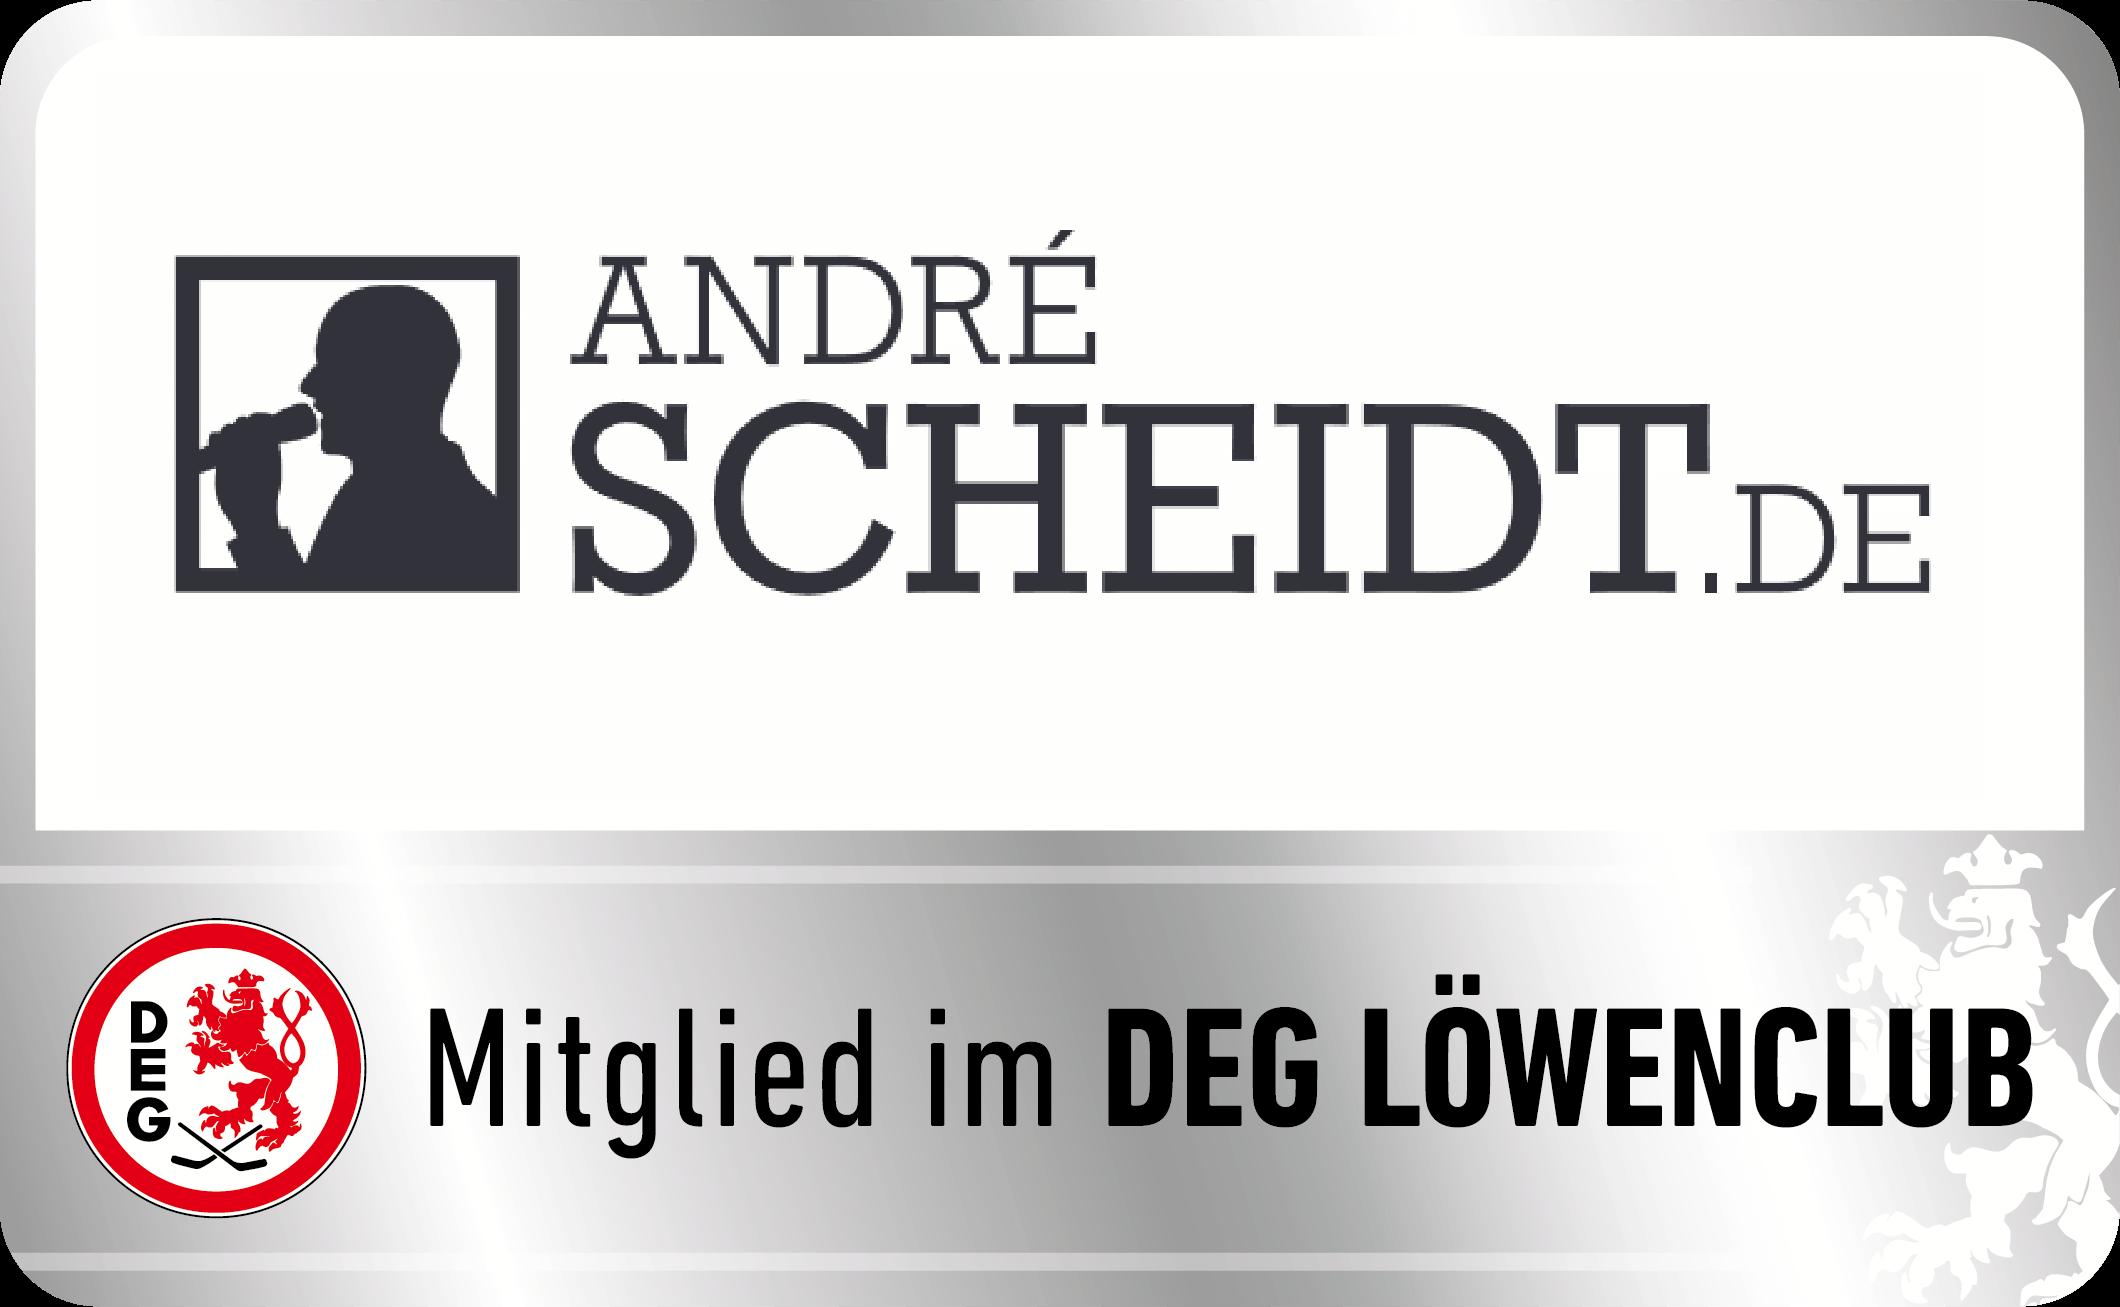 http://www.andrescheidt.de/